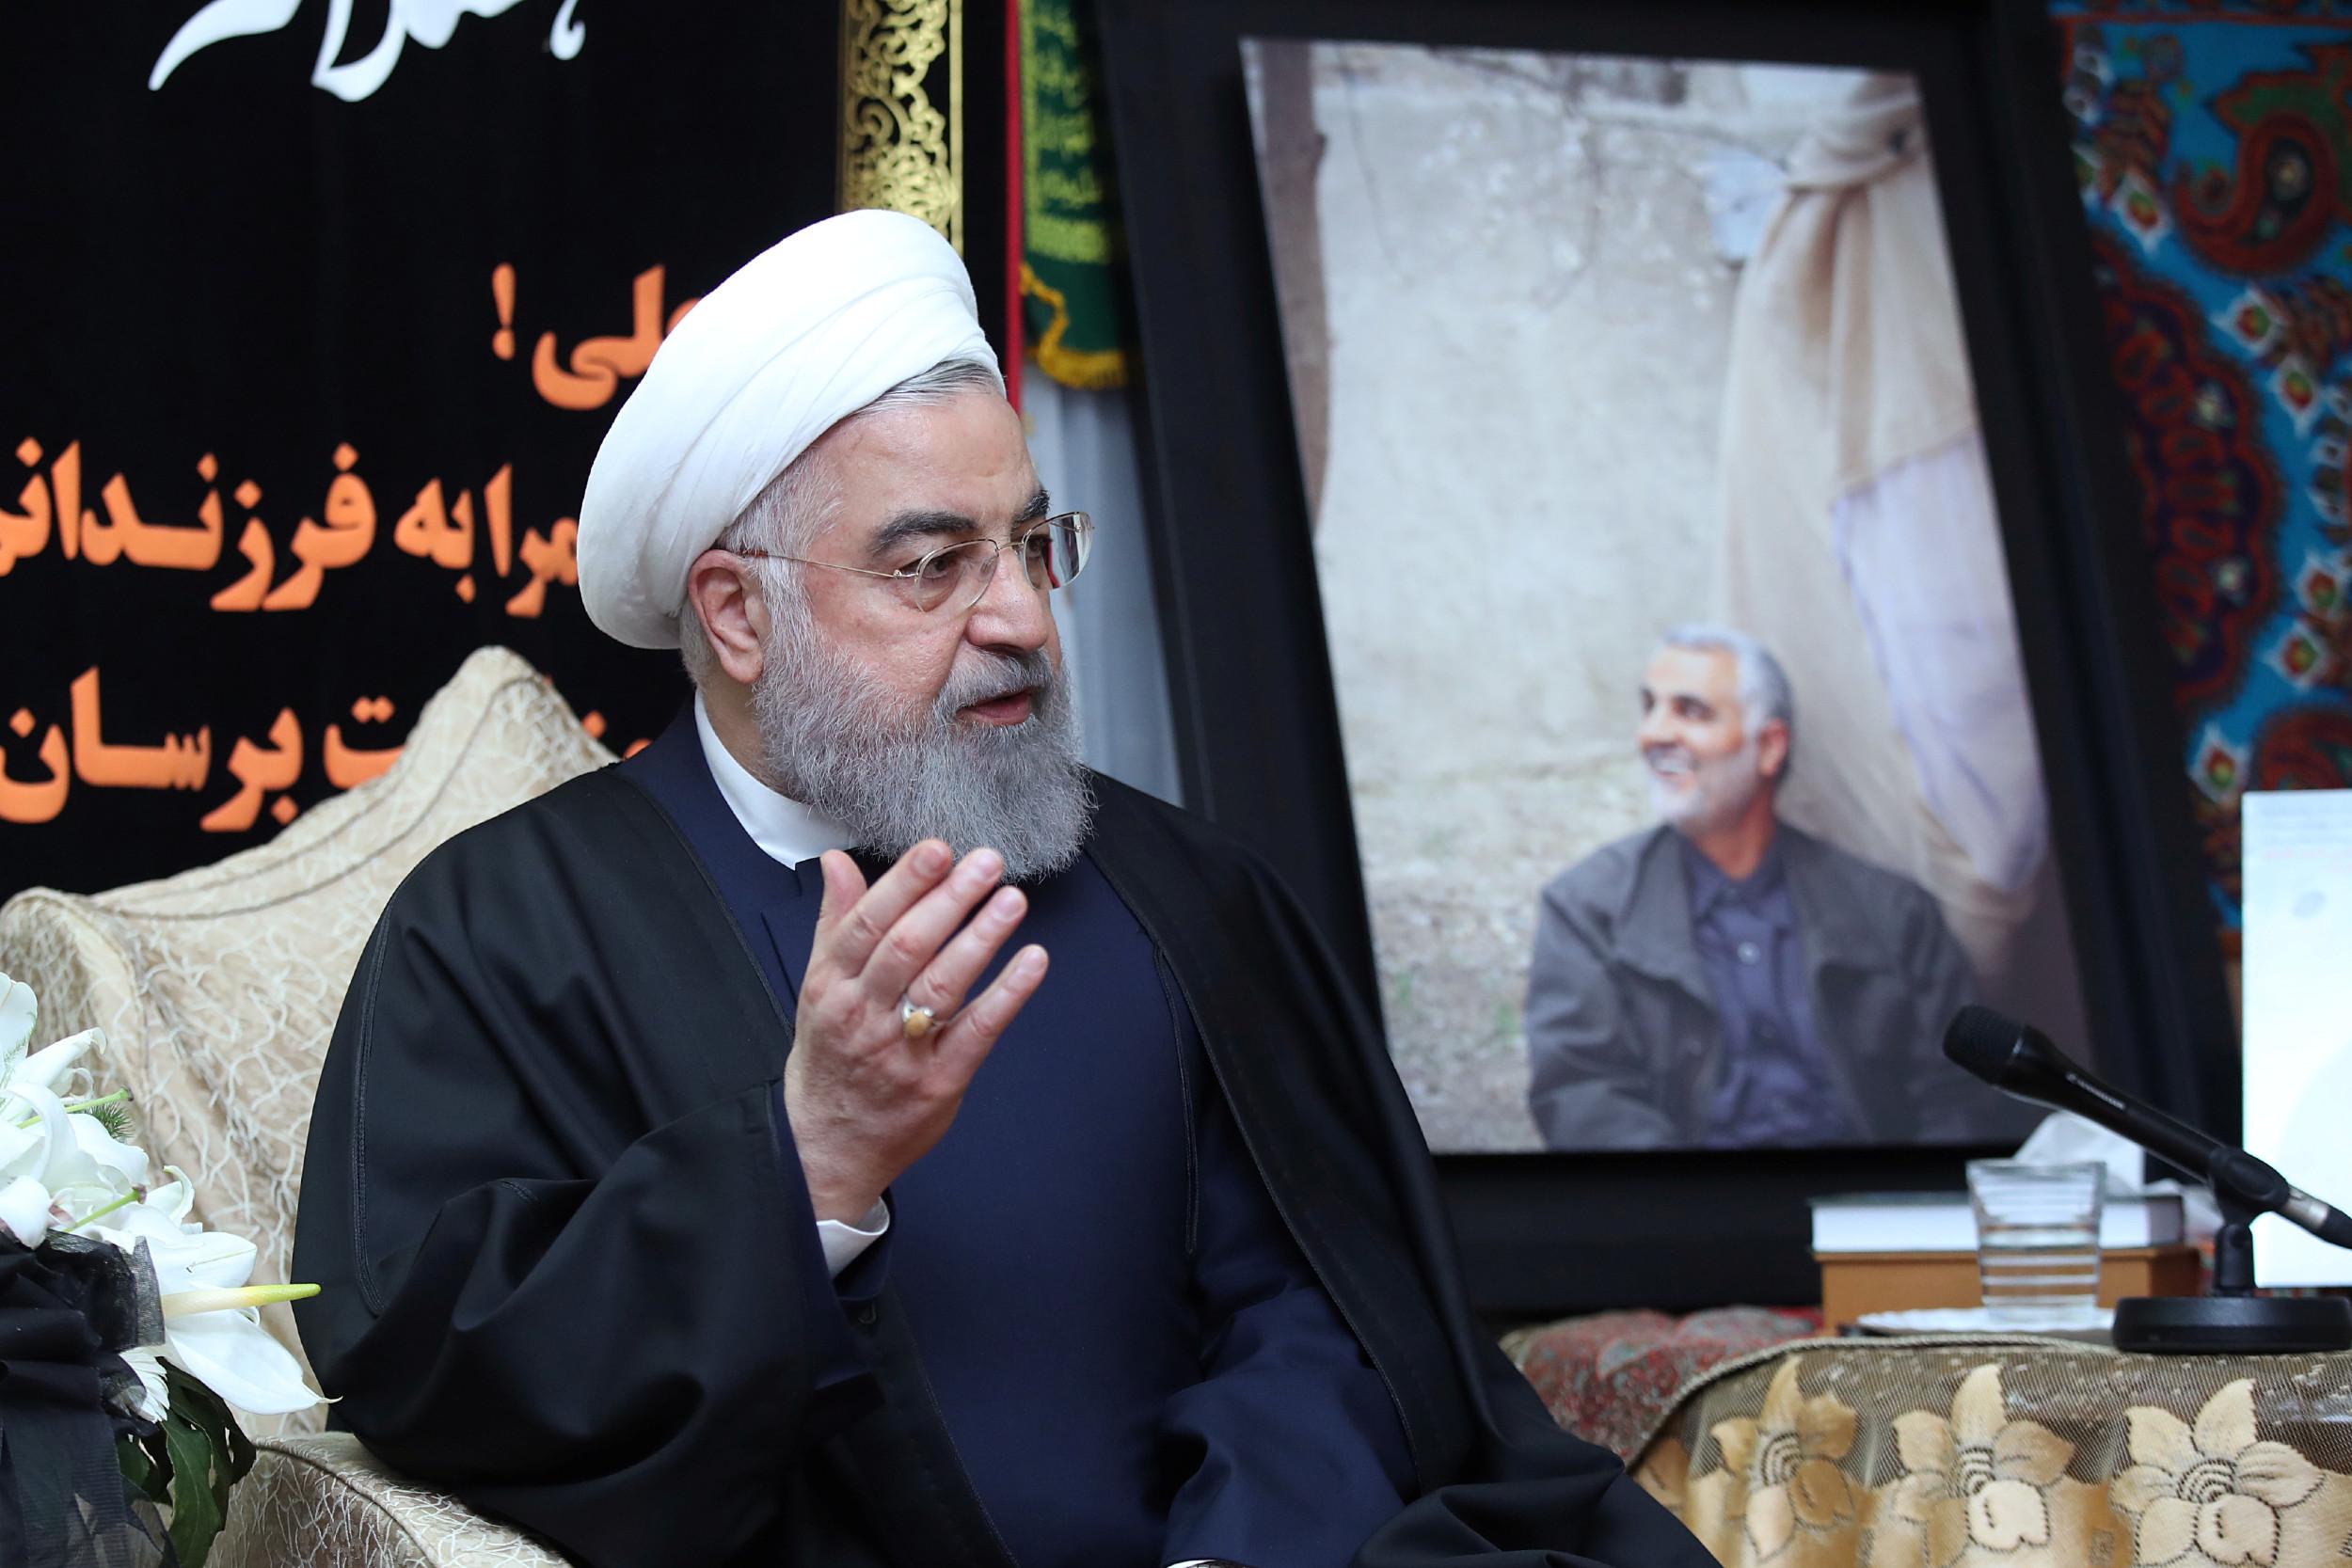 Ирански председник Хасан Рохани даје изјаву за медије током његове посете породици убијеног генерала Касем Солејманија, Техеран, 04. јануар 2020. (Фото: Official President Website/Handout via REUTERS)